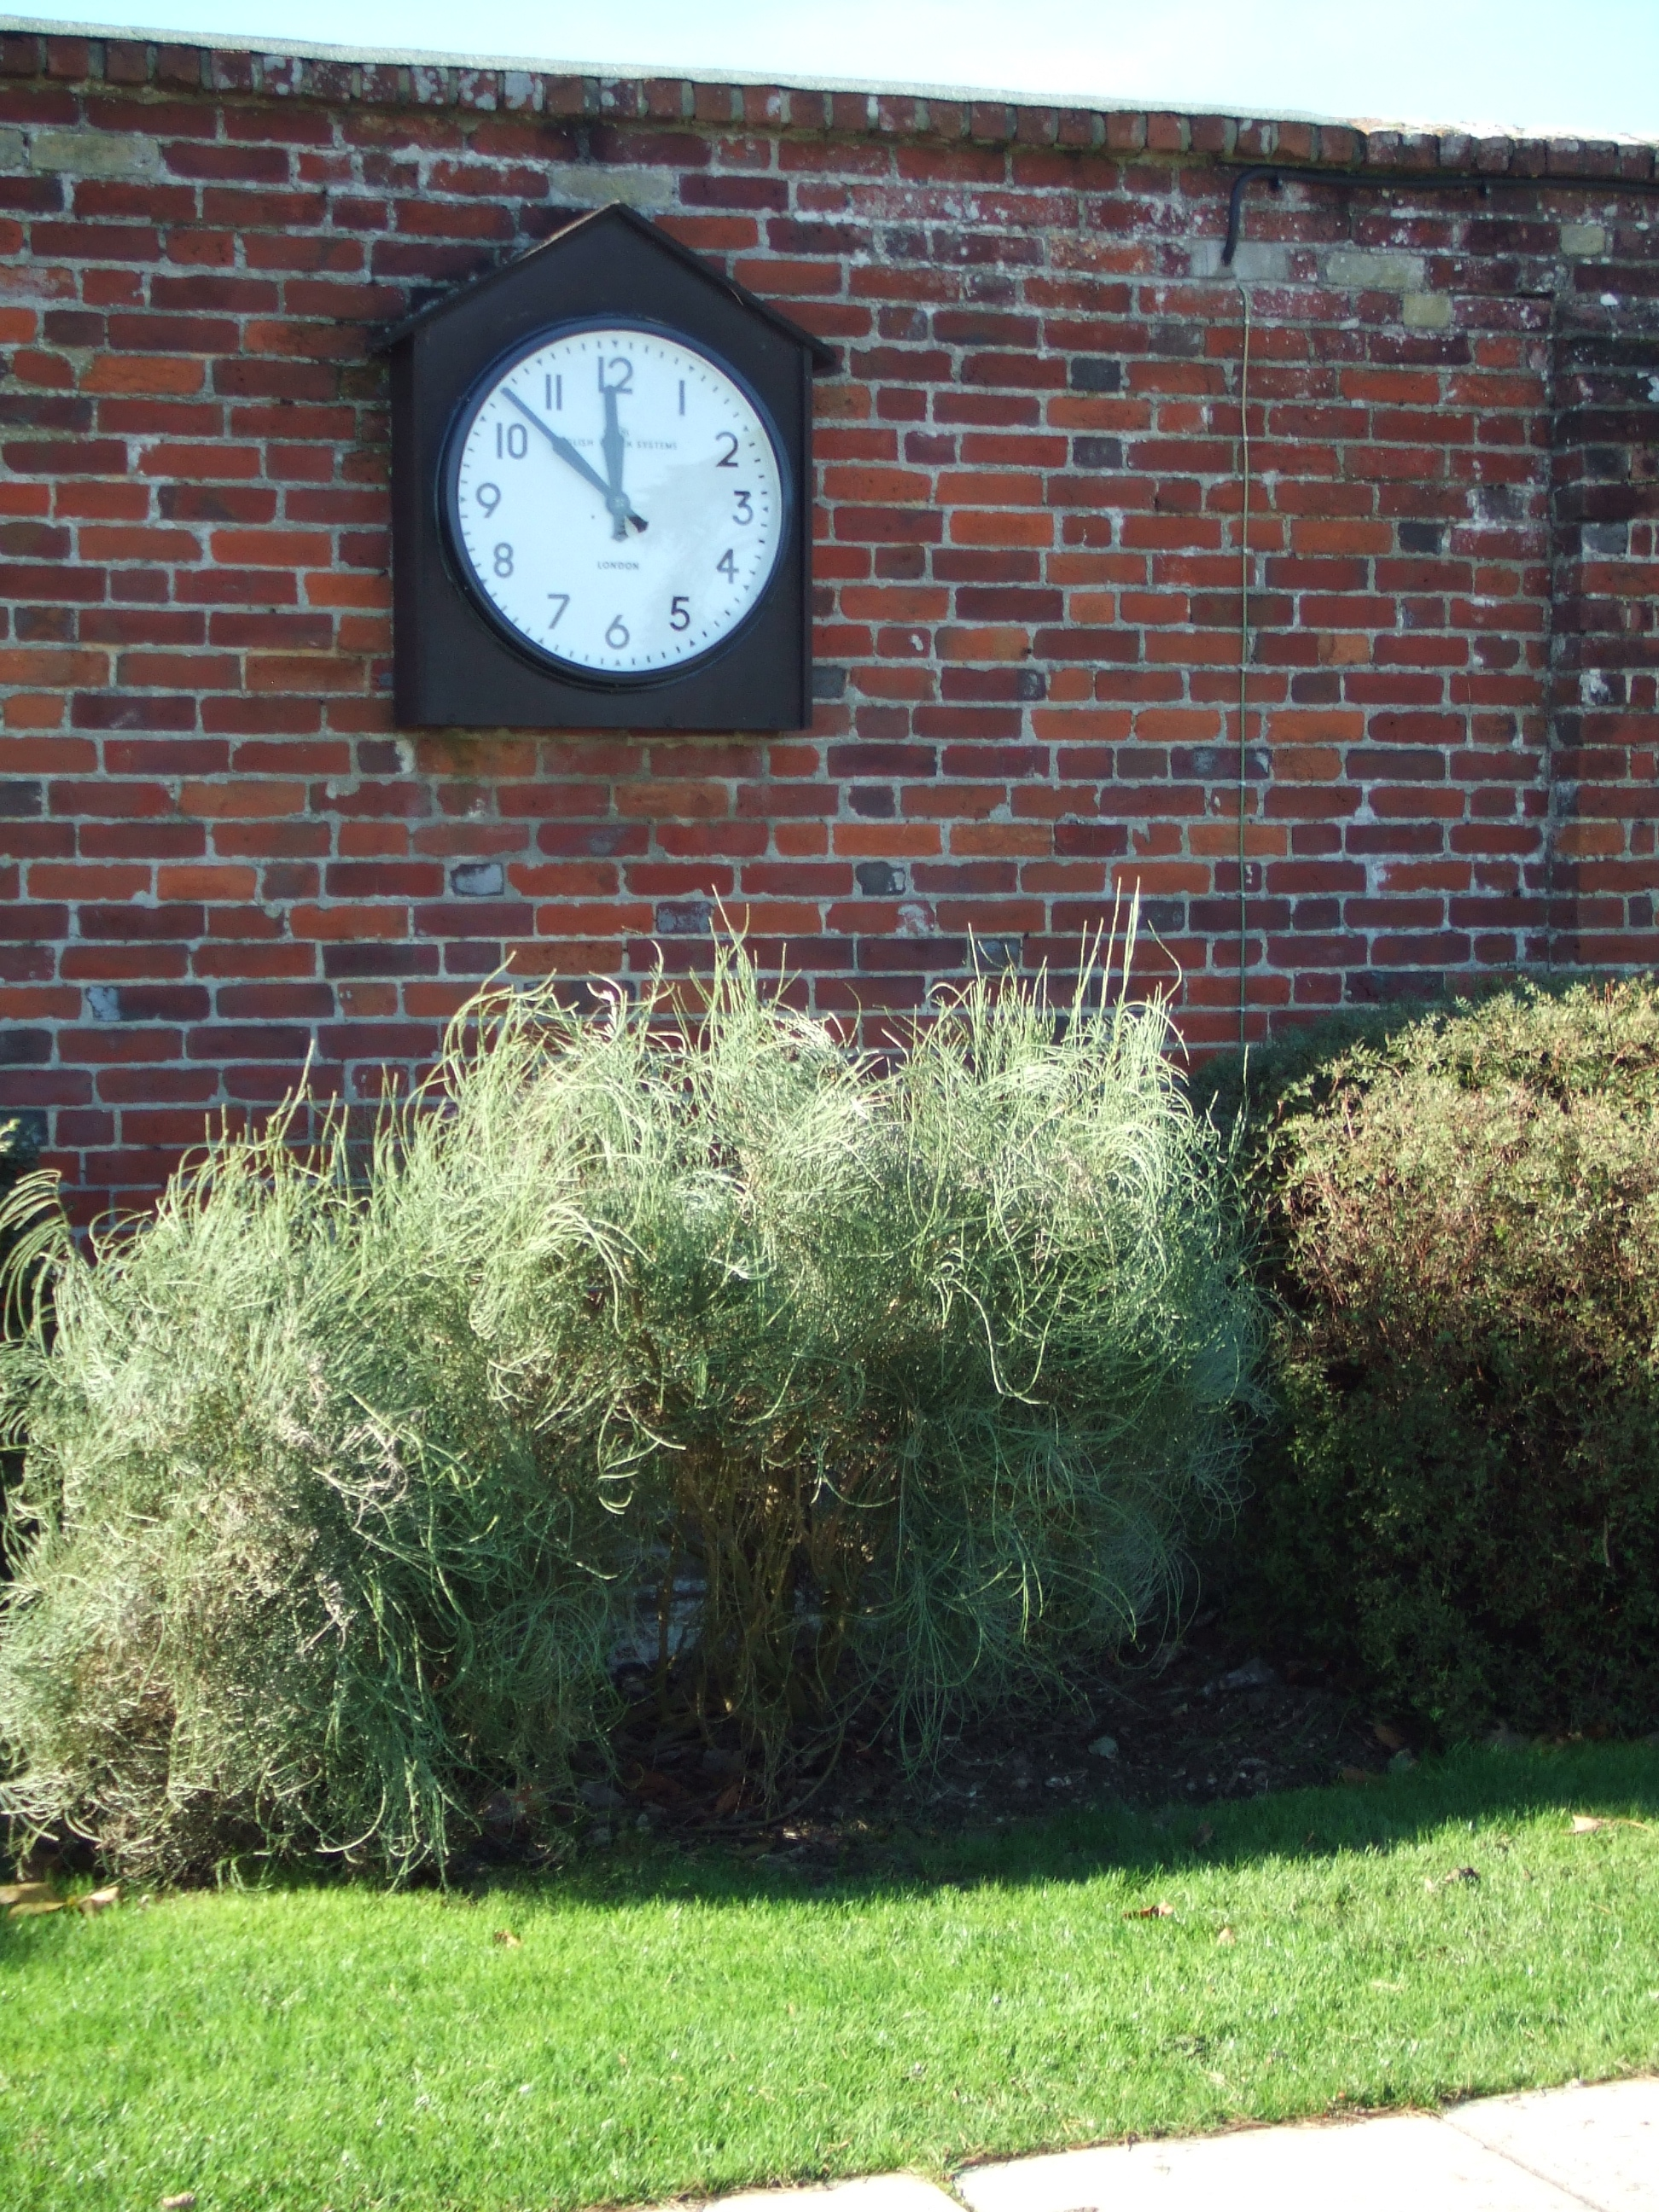 Bezel clock in a school